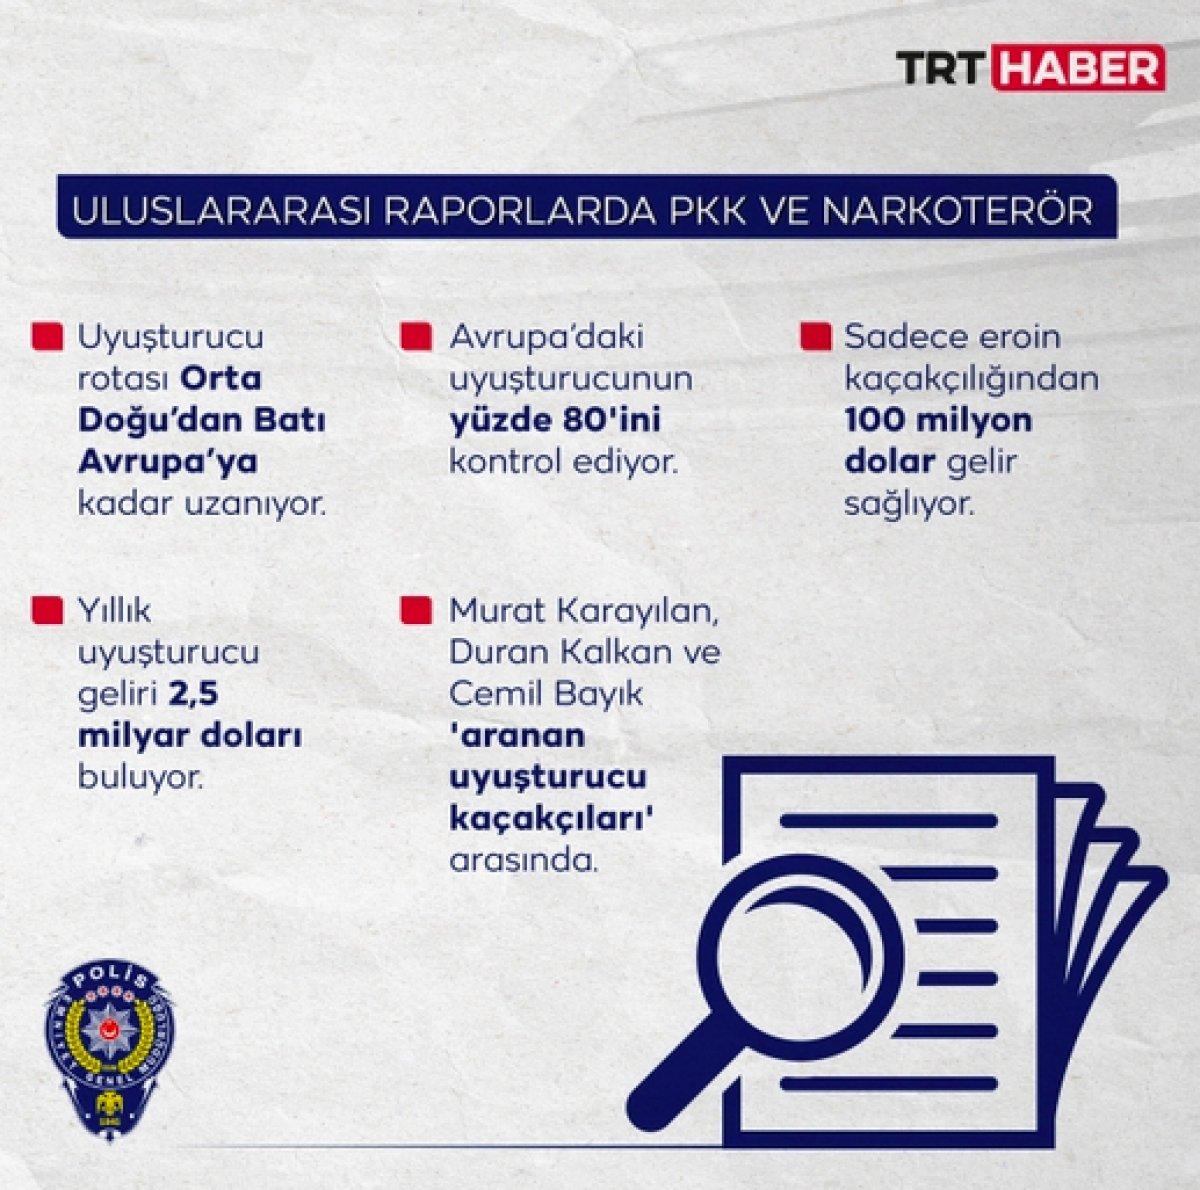 Emniyet Genel Müdürlüğü nün 2021 narko terör raporu #2